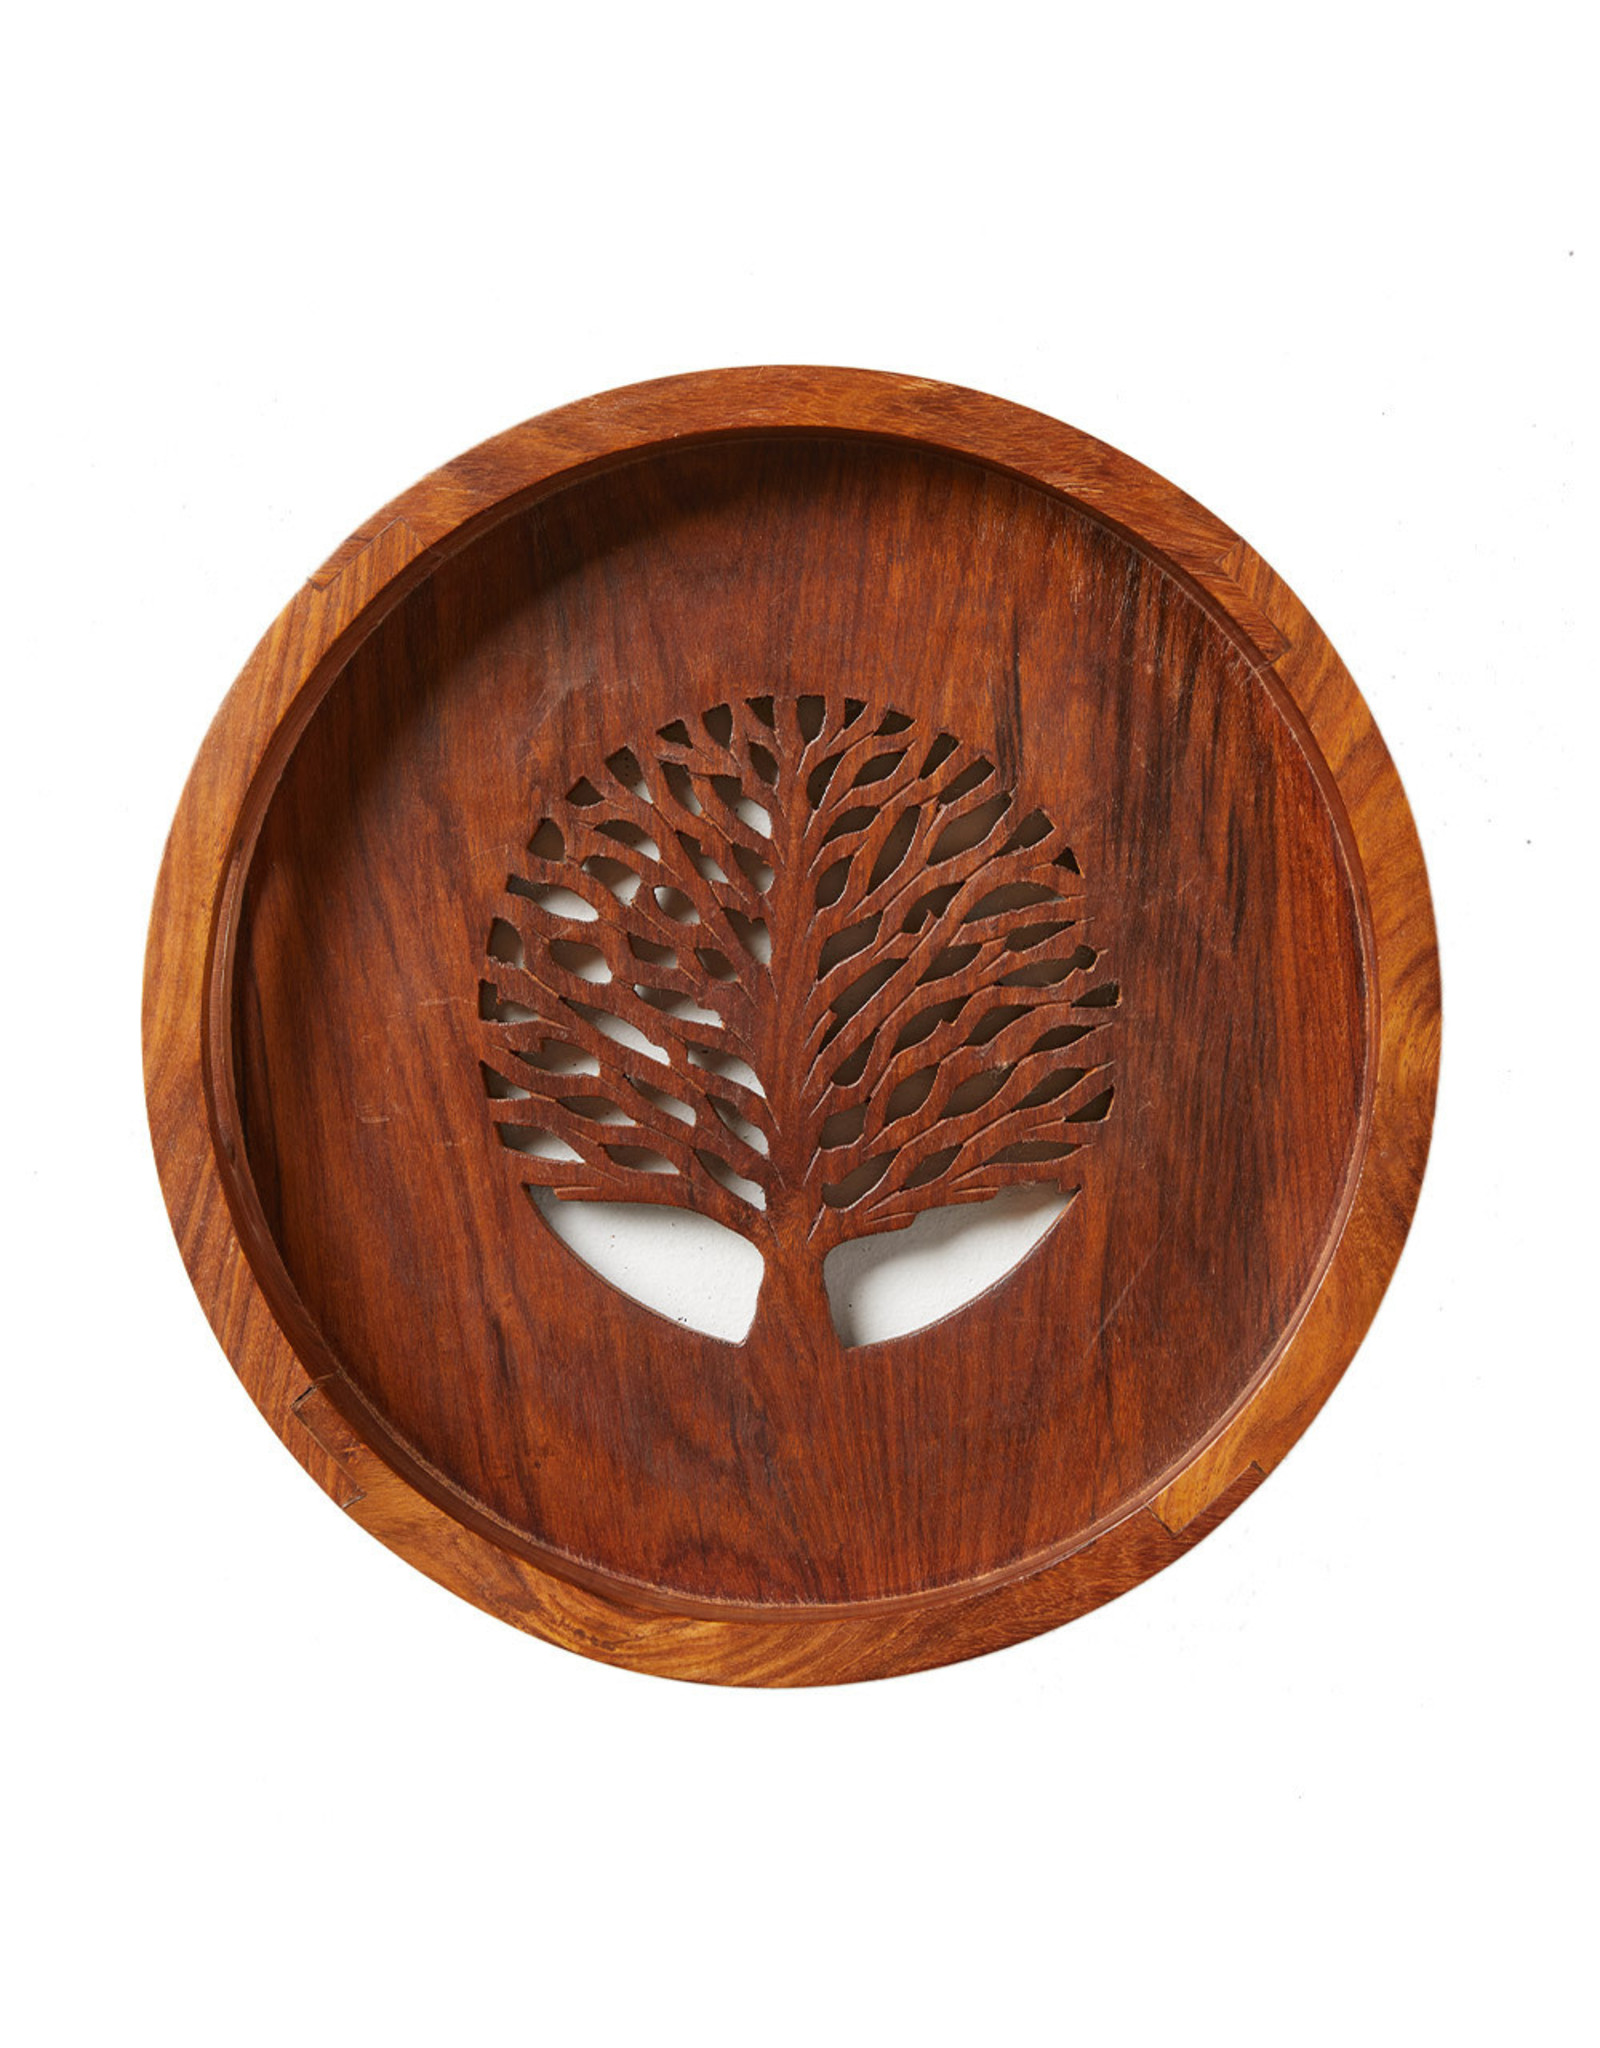 Tree of Life Shesham Serving Tray, India